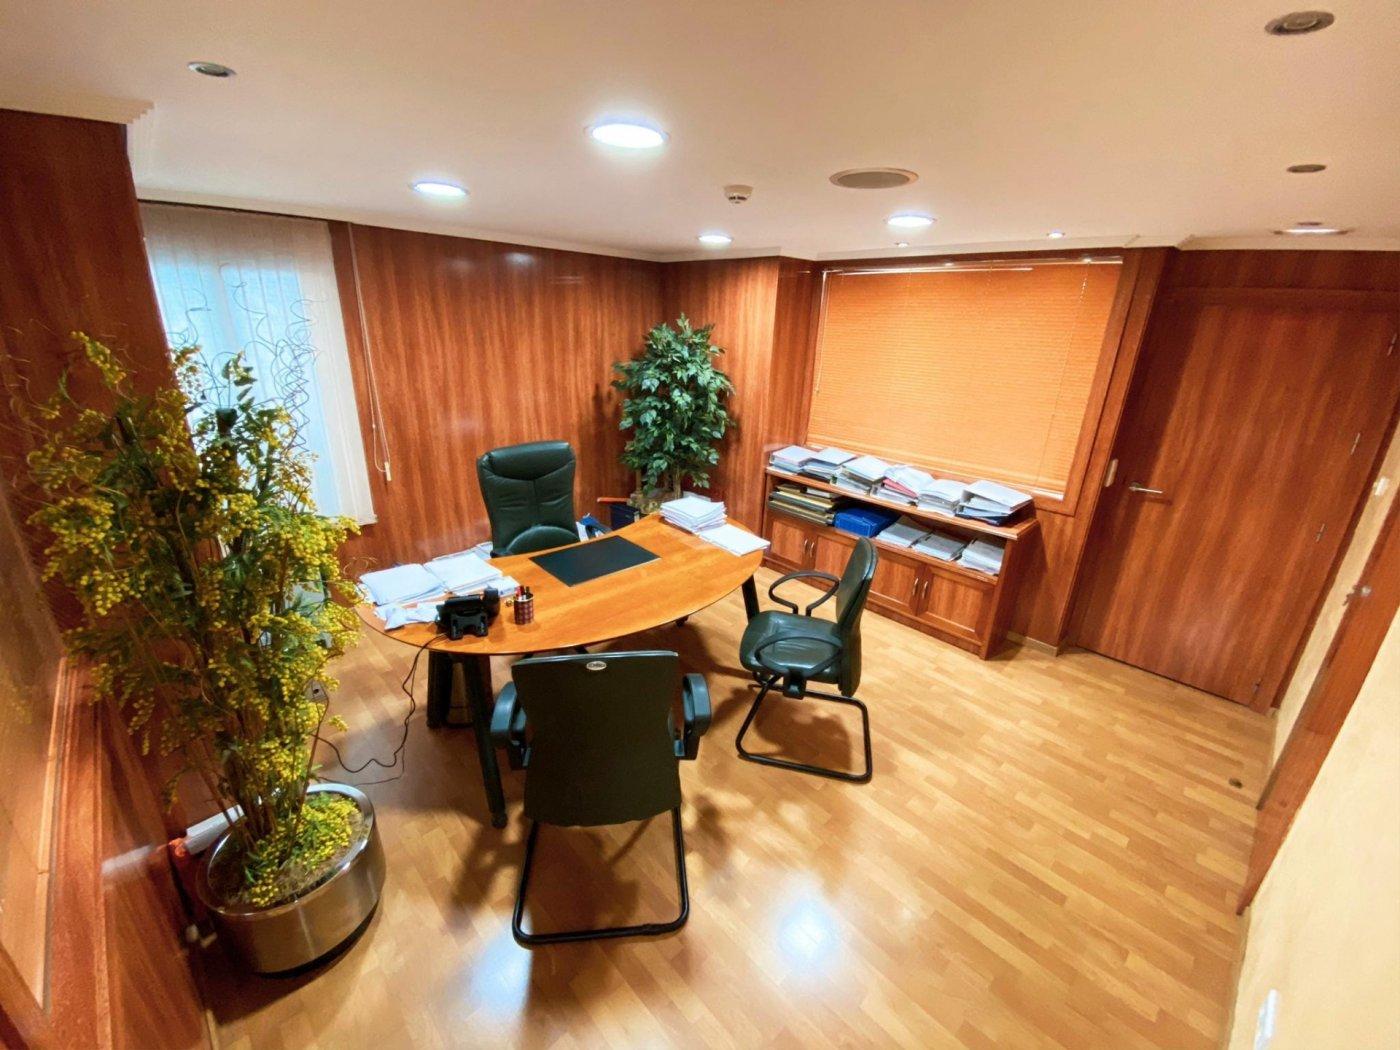 Imagen 3 de Oficina en alquiler